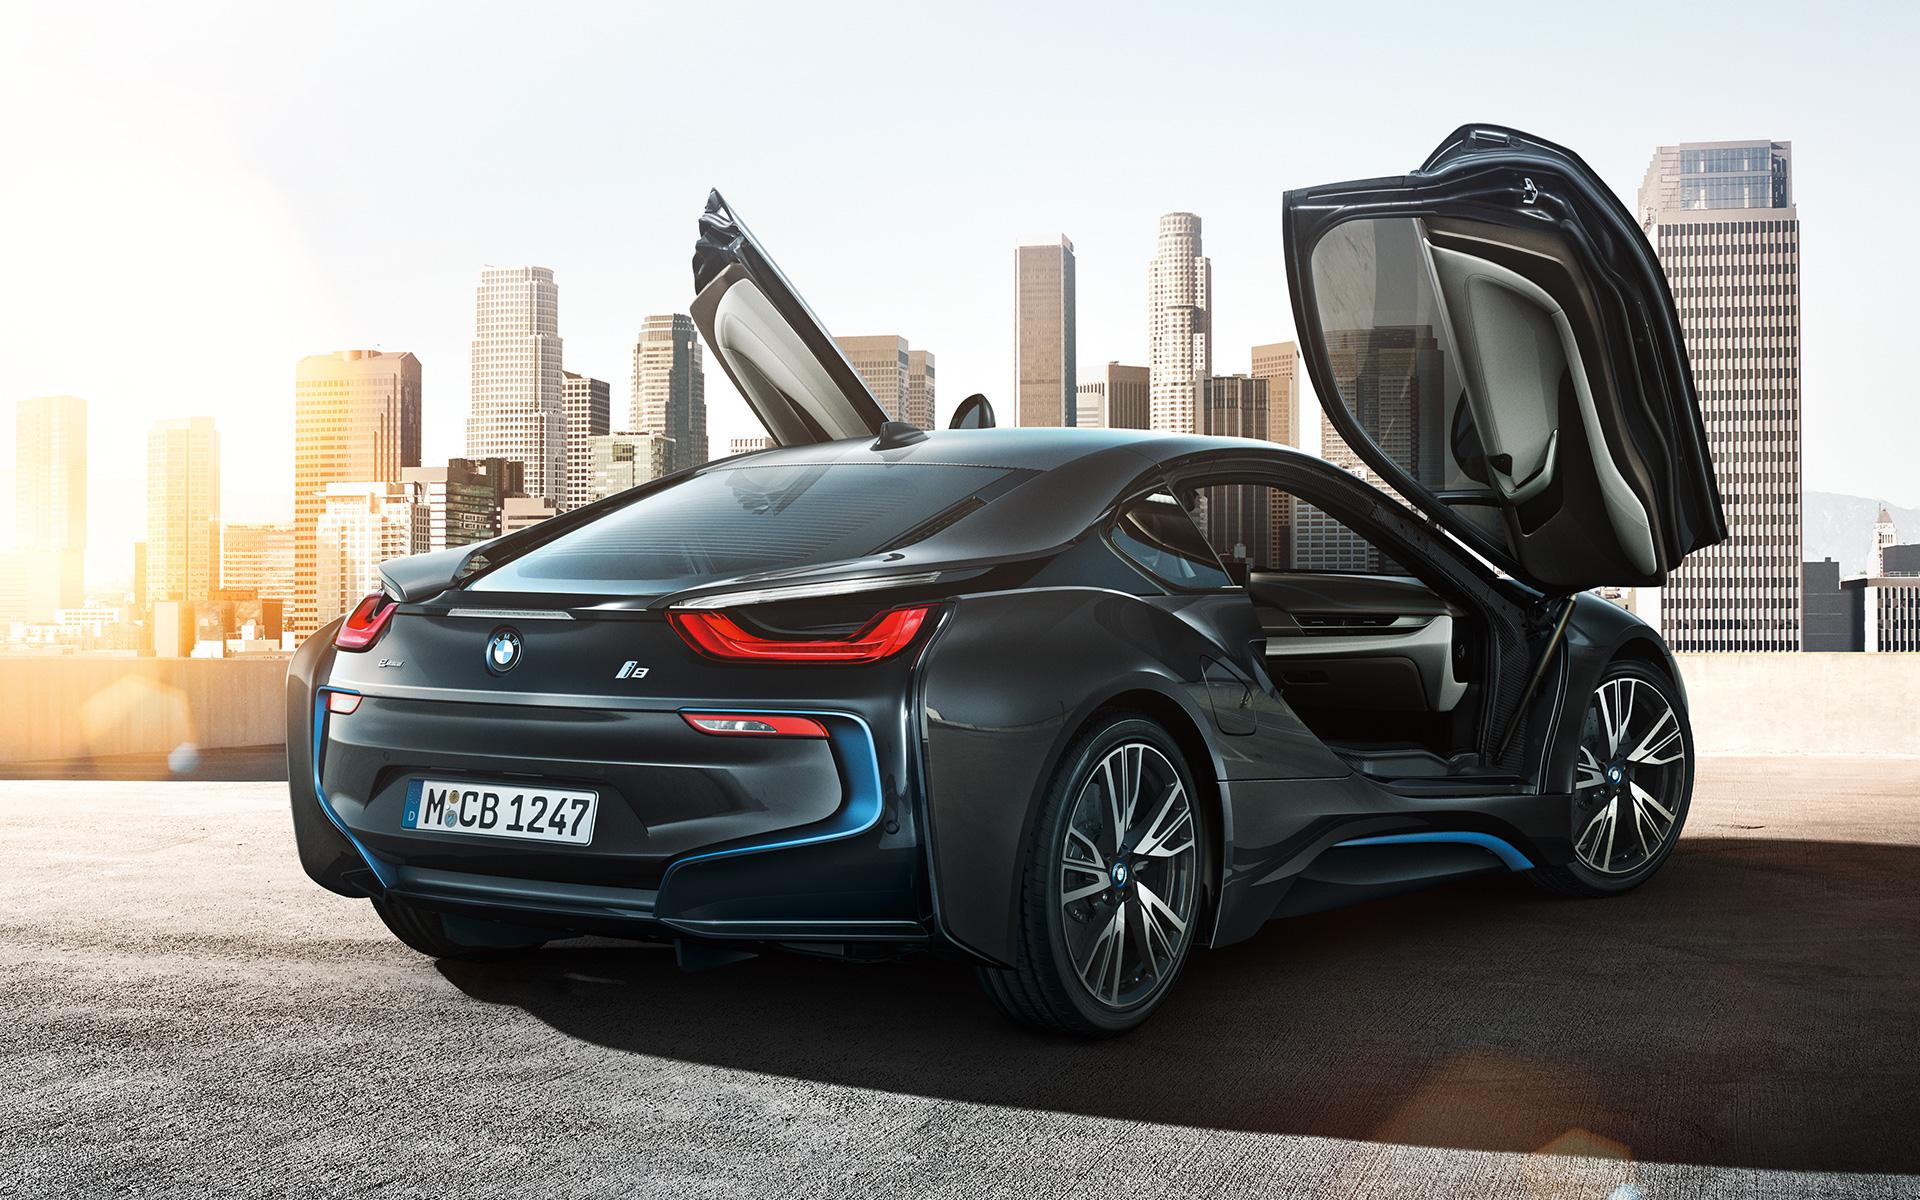 BMW i8 hybrid sportscar launching in February 2015